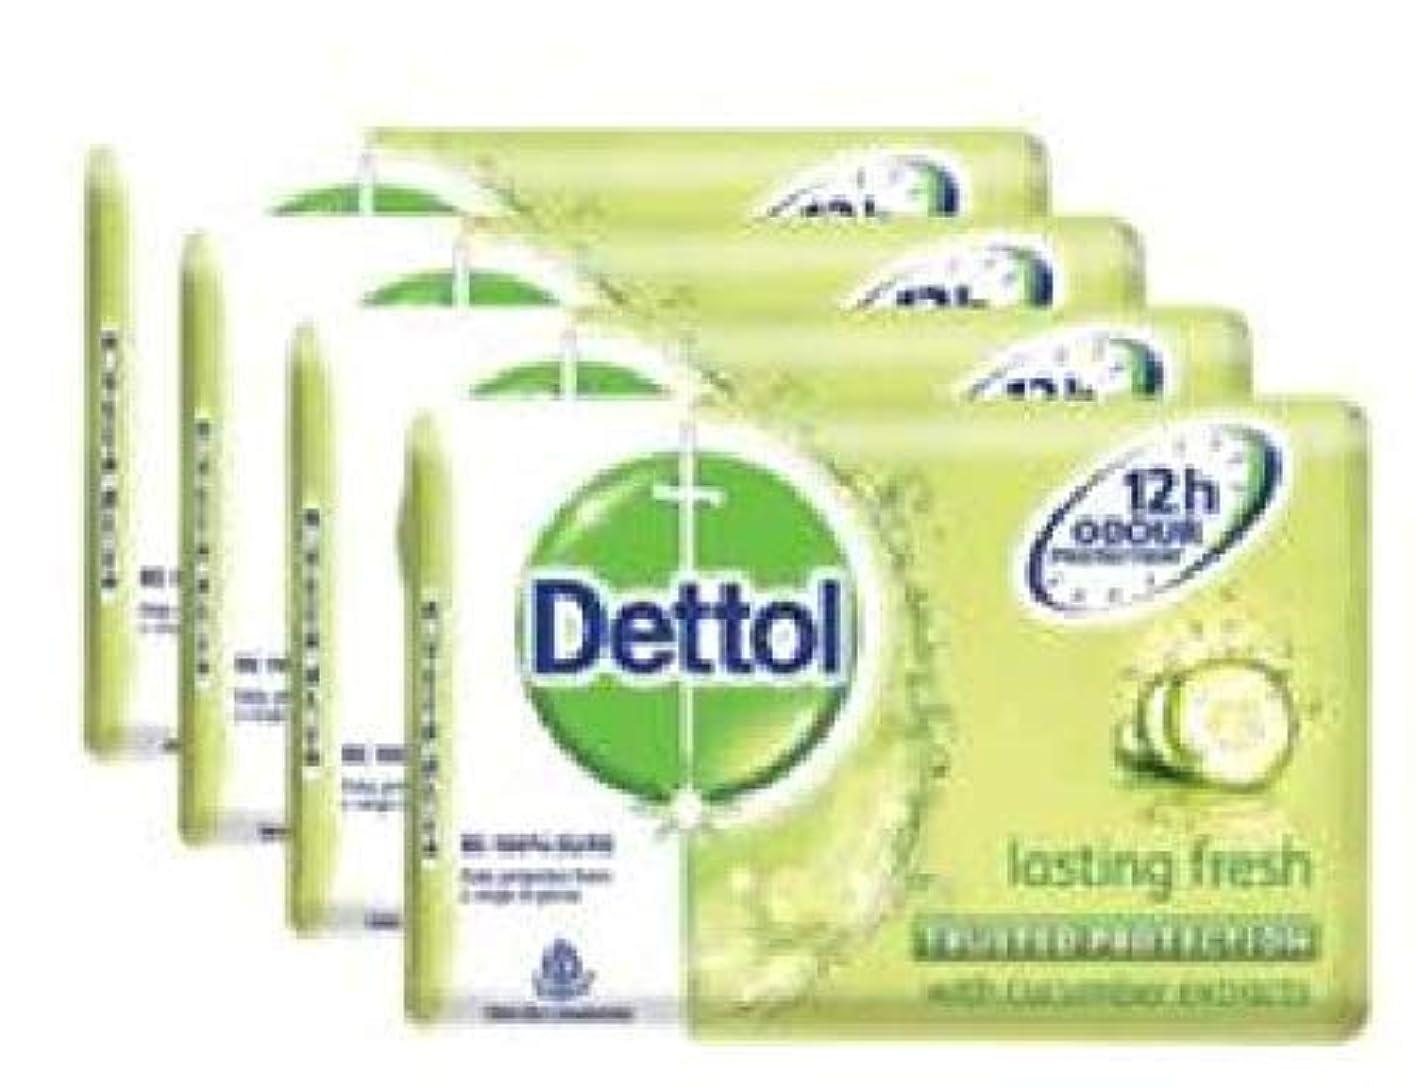 計算する一般的な森林Dettol 新鮮4x105g-を持続固形石鹸は、あなたが自由生殖続け、石鹸は肌にもとても優しいです